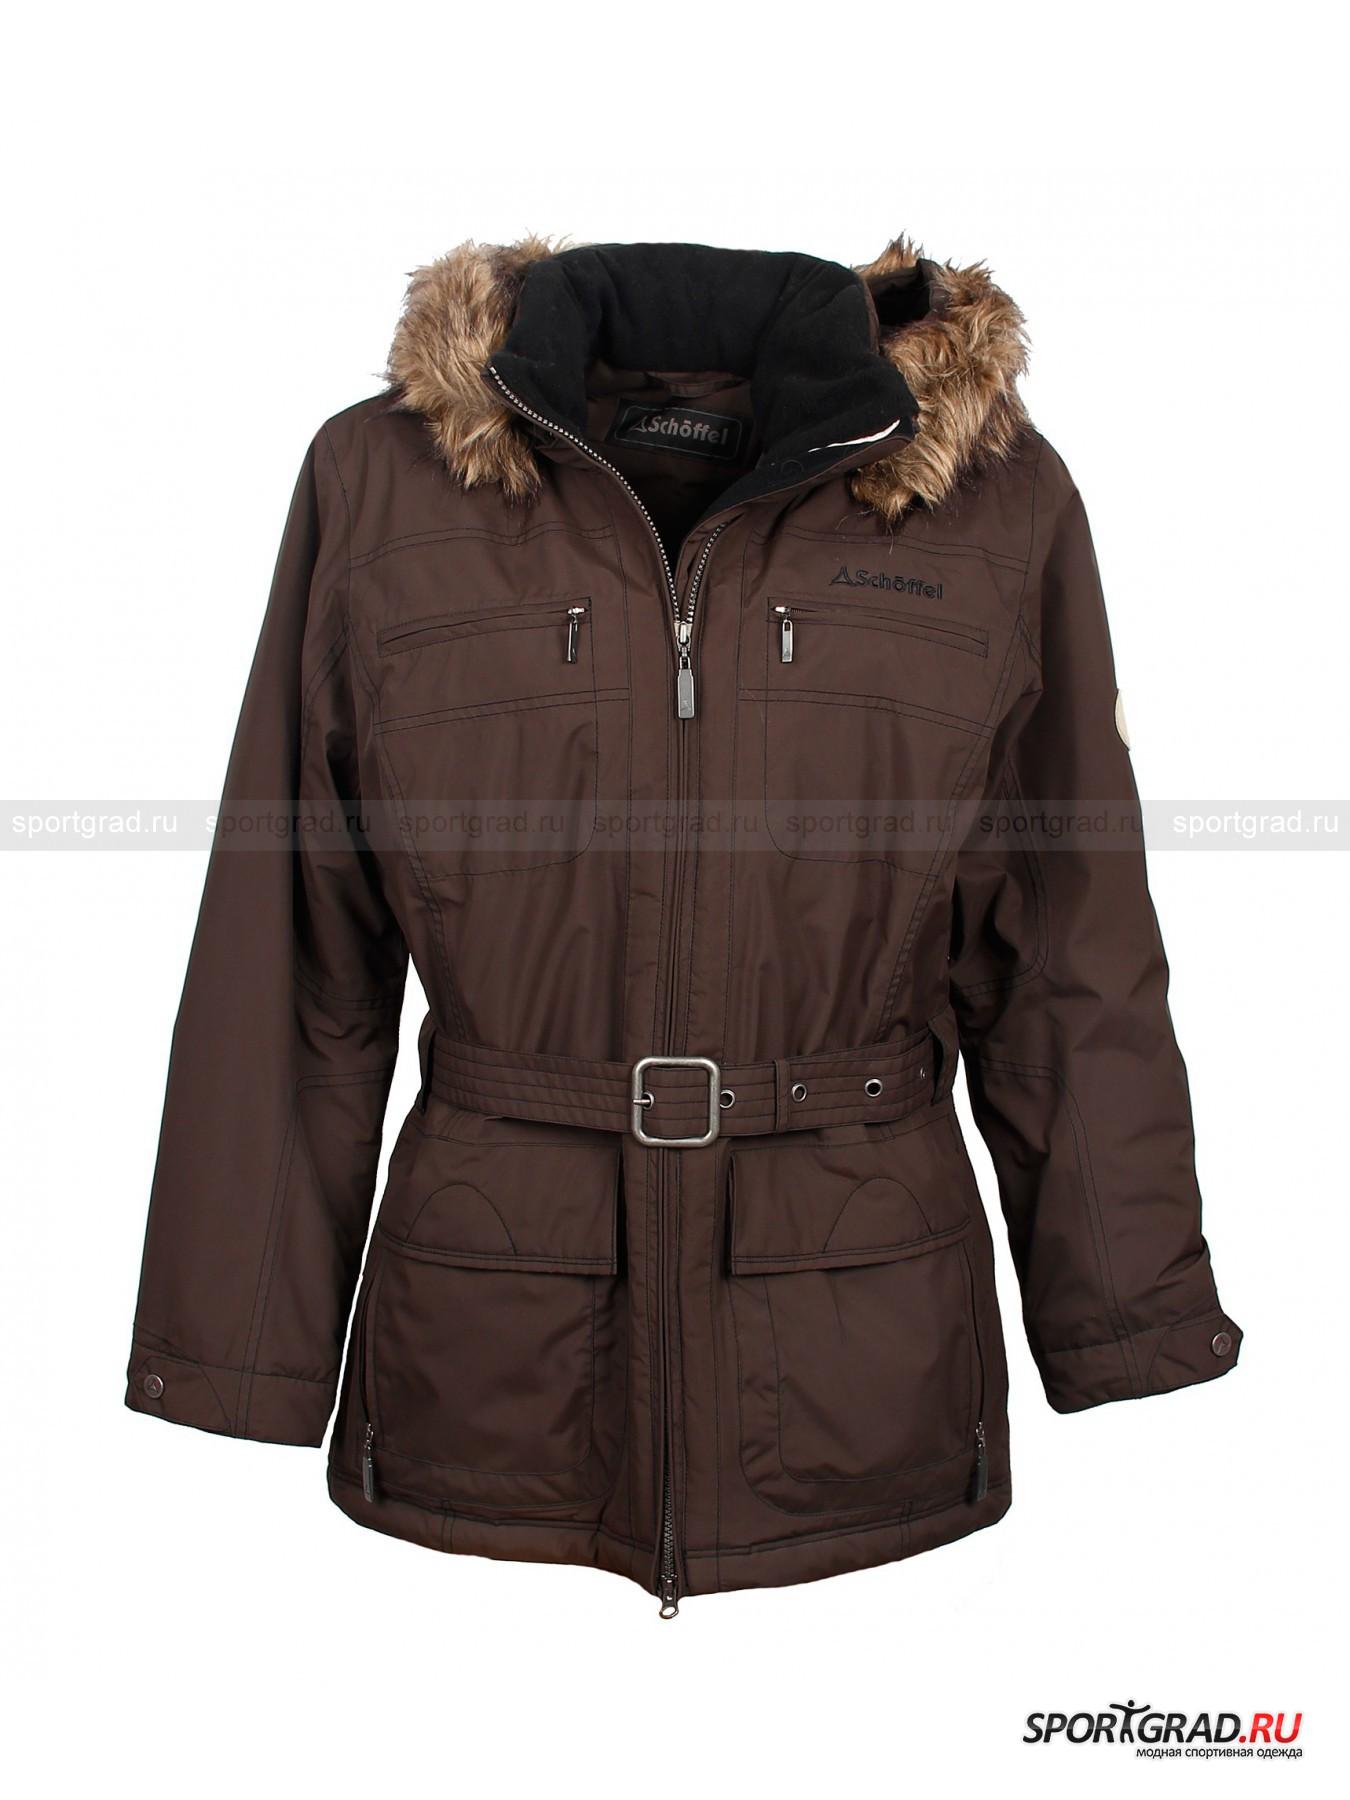 Куртка женская для города и туризма Century SCHOFFELКуртки<br>Практичная и симпатичная куртка Century от известного бренда Schoffel идеально подойдет для походов или длительных прогулок в холодное время года. Фирменная мембранная ткань Venturi надежно защитит обладательницу куртки от ветра, снега и дождя, но при этом будет отлично пропускать воздух, сохраняя тепло. Модель имеет пояс на талии – даже в экстремальных условиях не помешает подчеркнуть ваши прекрасные формы.<br><br>Особенности:<br>- мягкая флисовая изнанка;<br>- петля для подвешивания;<br>- два внутренних кармана на молнии;<br>- утяжки изнутри по низу куртки;<br>- фронтальная молния с двумя бегунками;<br>- капюшон, пристегивающийся с помощью молнии, с регулировкой степени покрытия;<br>- отстегивающаяся меховая опушка;<br>- диаметр манжет регулируется кнопками;<br>- нашивка с фирменным логотипом марки на плече;<br>- пояс на талии;<br>- два кармана на молнии на груди;<br>- внизу большие двойные карманы, закрывающиеся кнопкой и молнией.<br><br>Пол: Женский<br>Возраст: Взрослый<br>Тип: Куртки<br>Рекомендации по уходу: стирка в теплой воде до 30 С; не отбеливать; гладить при низкой температуре (до 110 С); не подвергать химической чистке; сушить при низкой температуре<br>Состав: 100% полиэстер